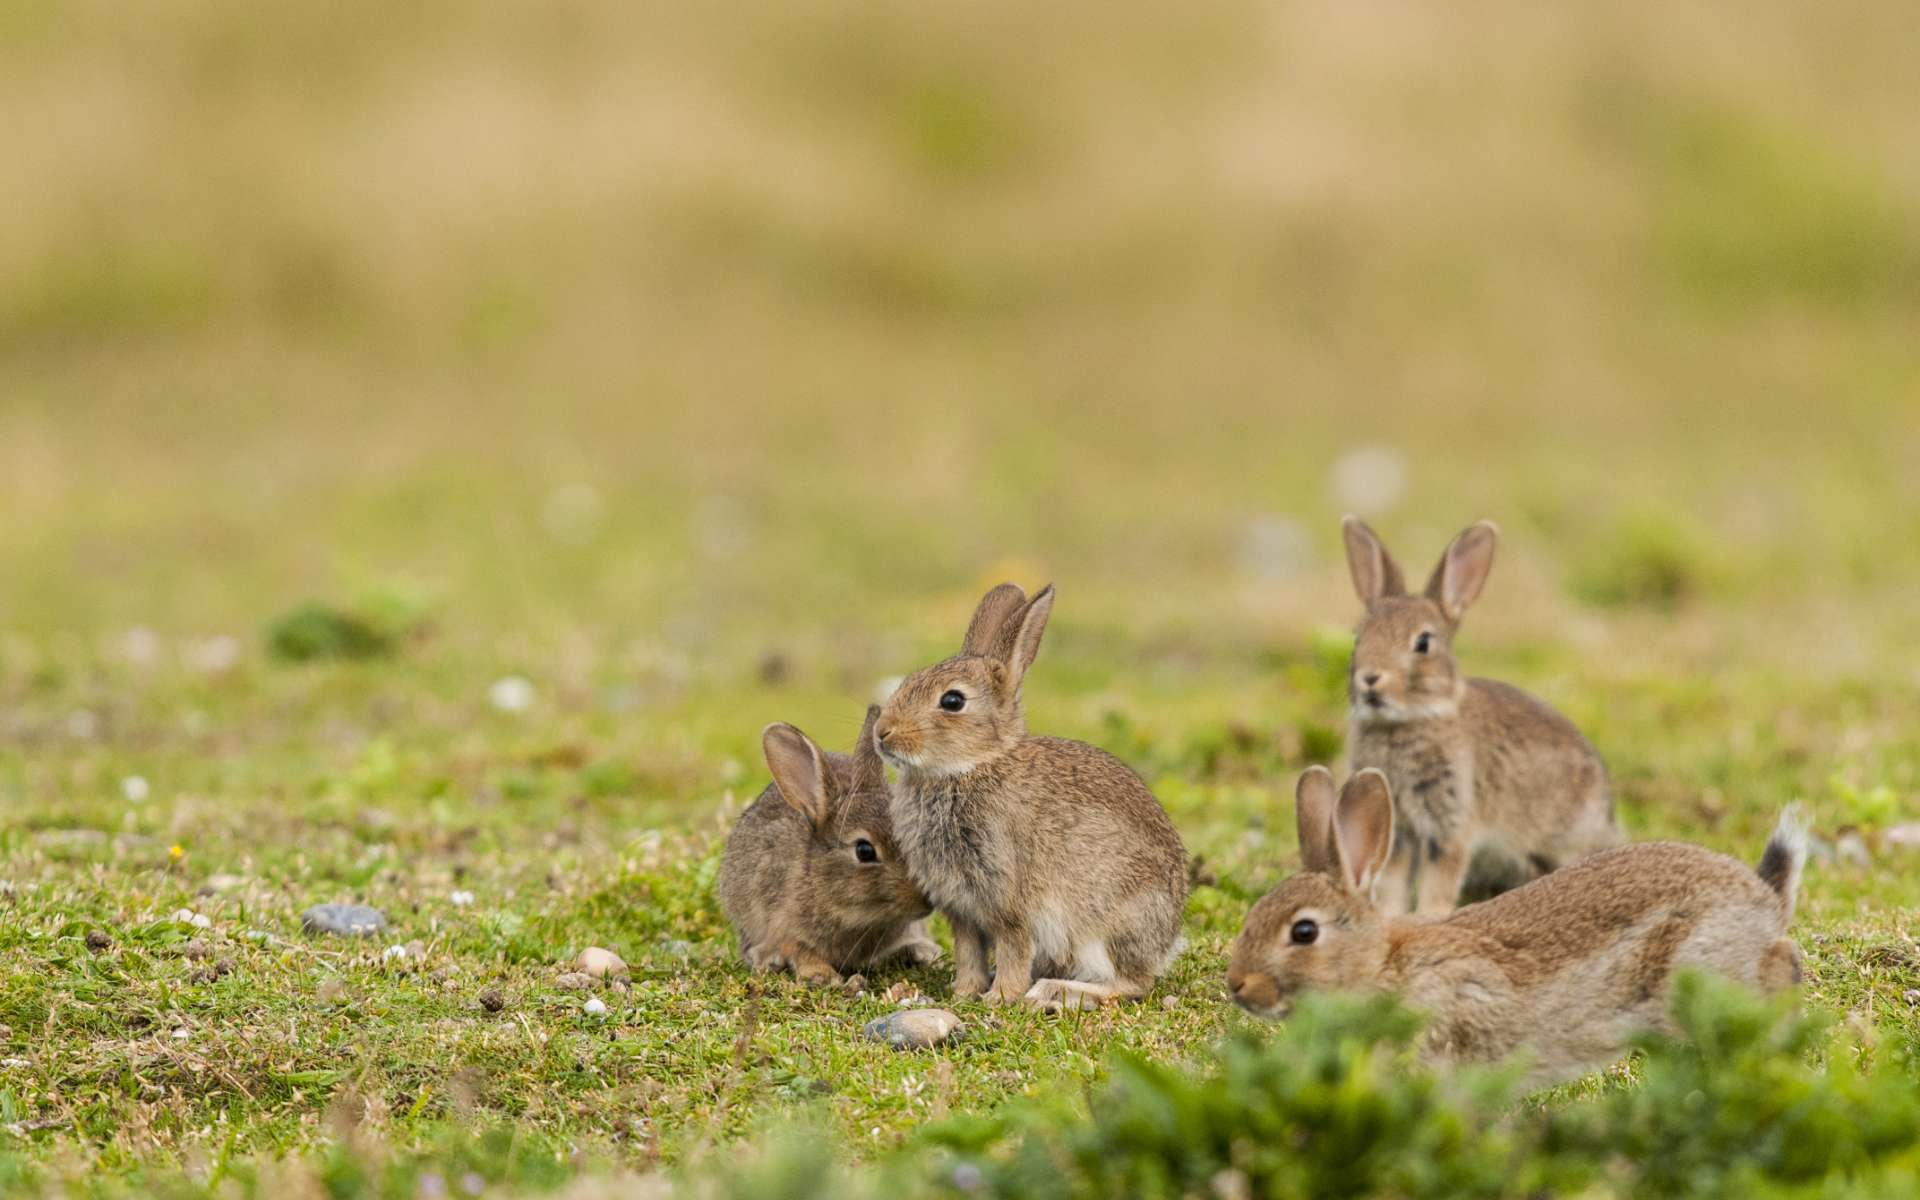 Aux États-Unis, des milliers de lapin de garenne sont morts à cause d'une maladie virale très contagieuse. © Alonbou, Adobe Stock